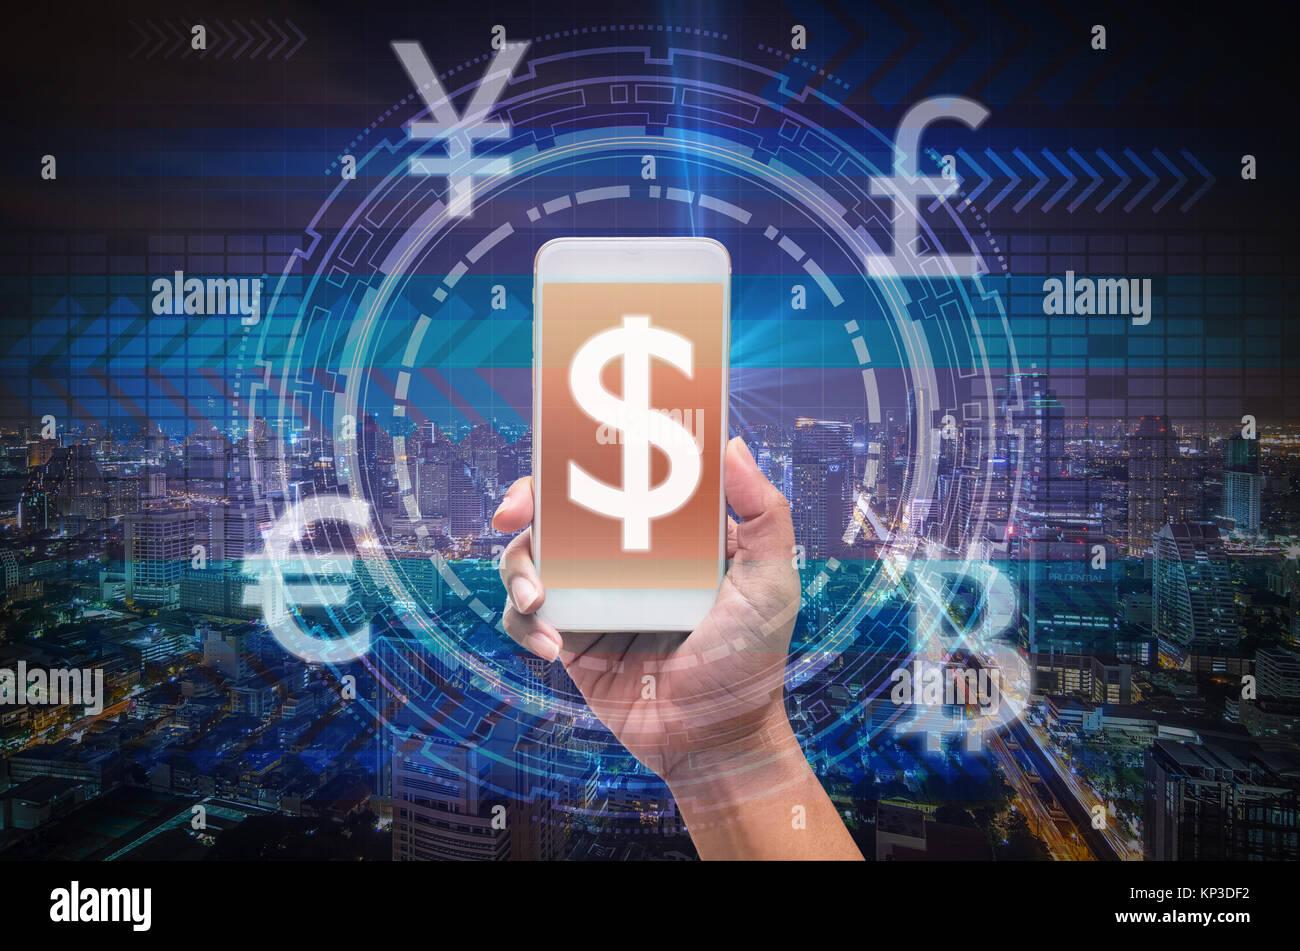 La celebración de smart phone mostrando la tecnología financiera o FinTech sobre la innovación tecnológica en la Foto de stock